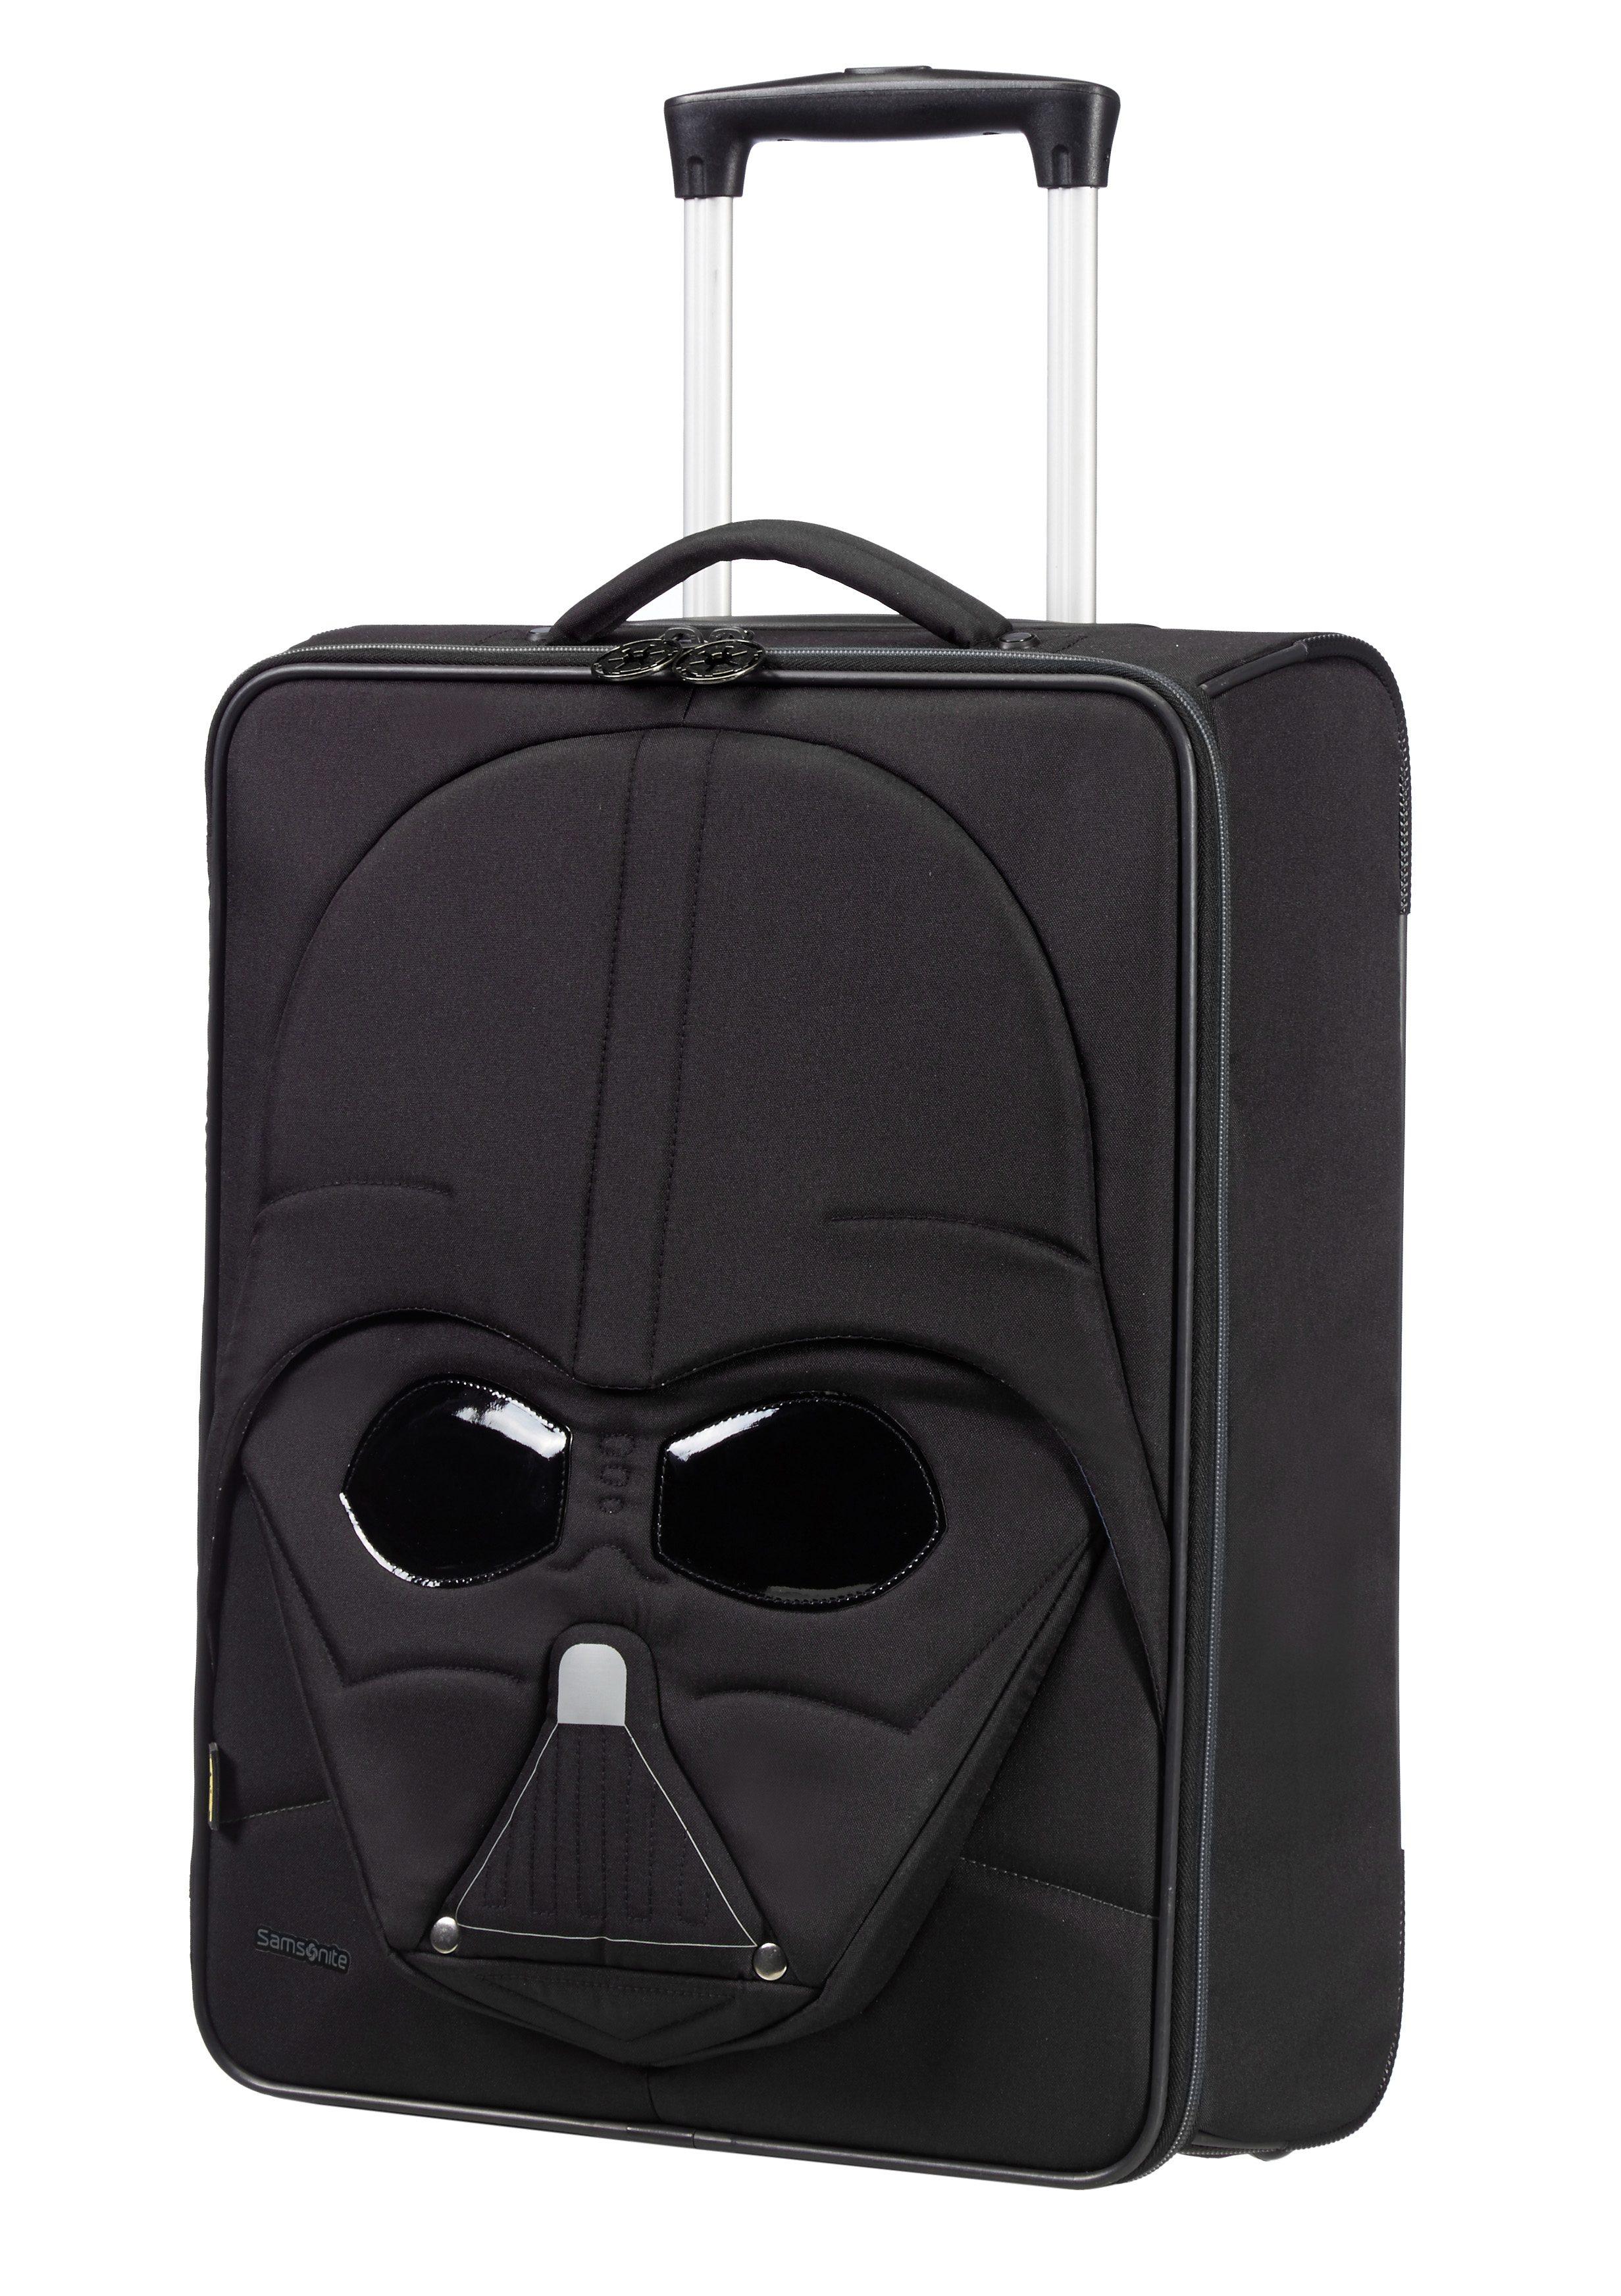 Samsonite Weichgepäck-Trolley mit 2 Rollen in 3D-Optik + Reflektoren, »Star Wars™ - Darth Vader